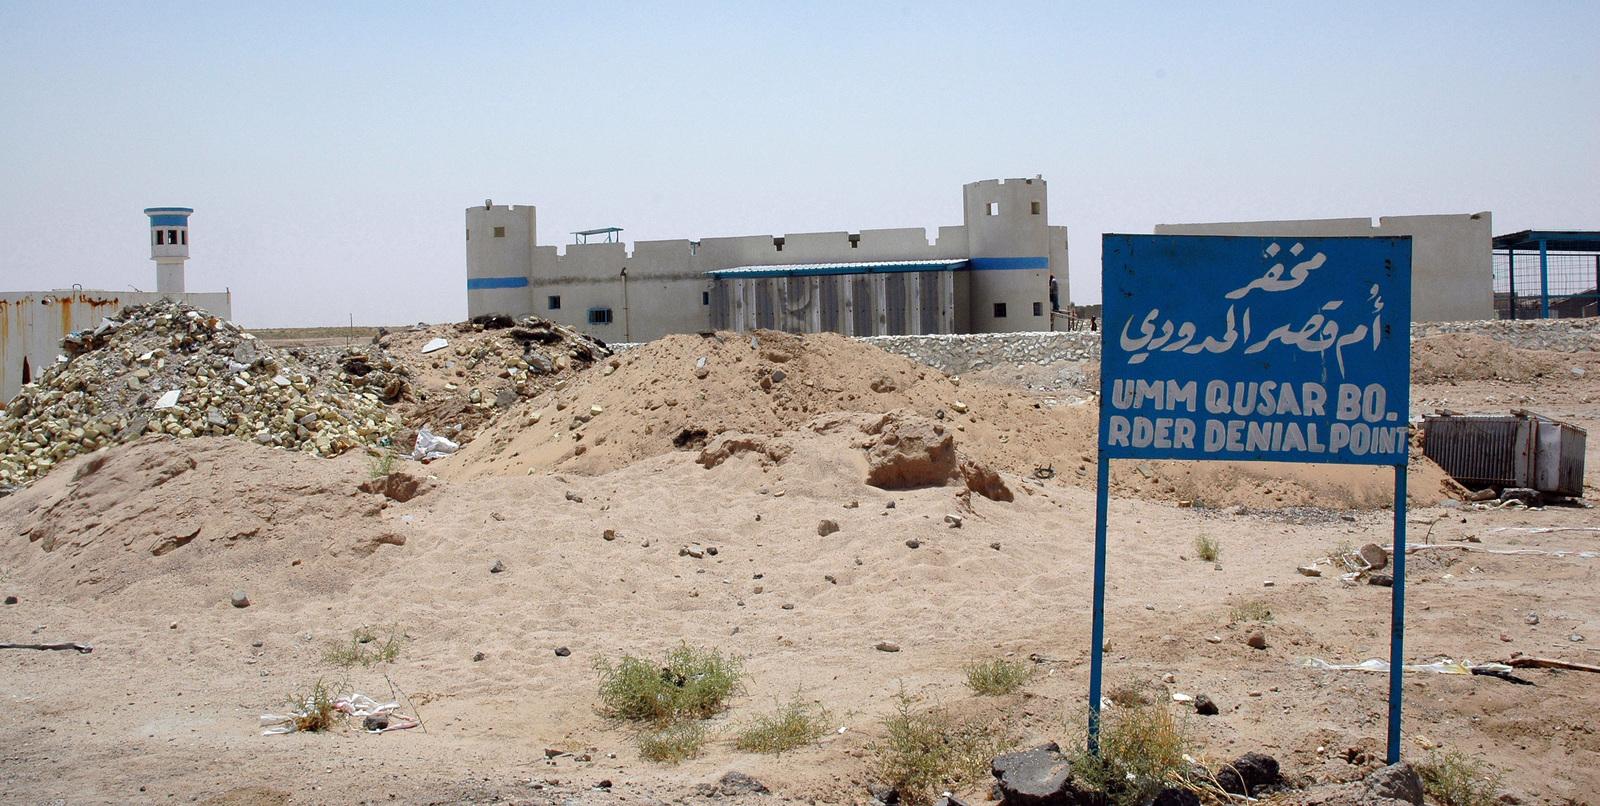 The border fort at Umm Qasr sits on the Iraq-Kuwait border